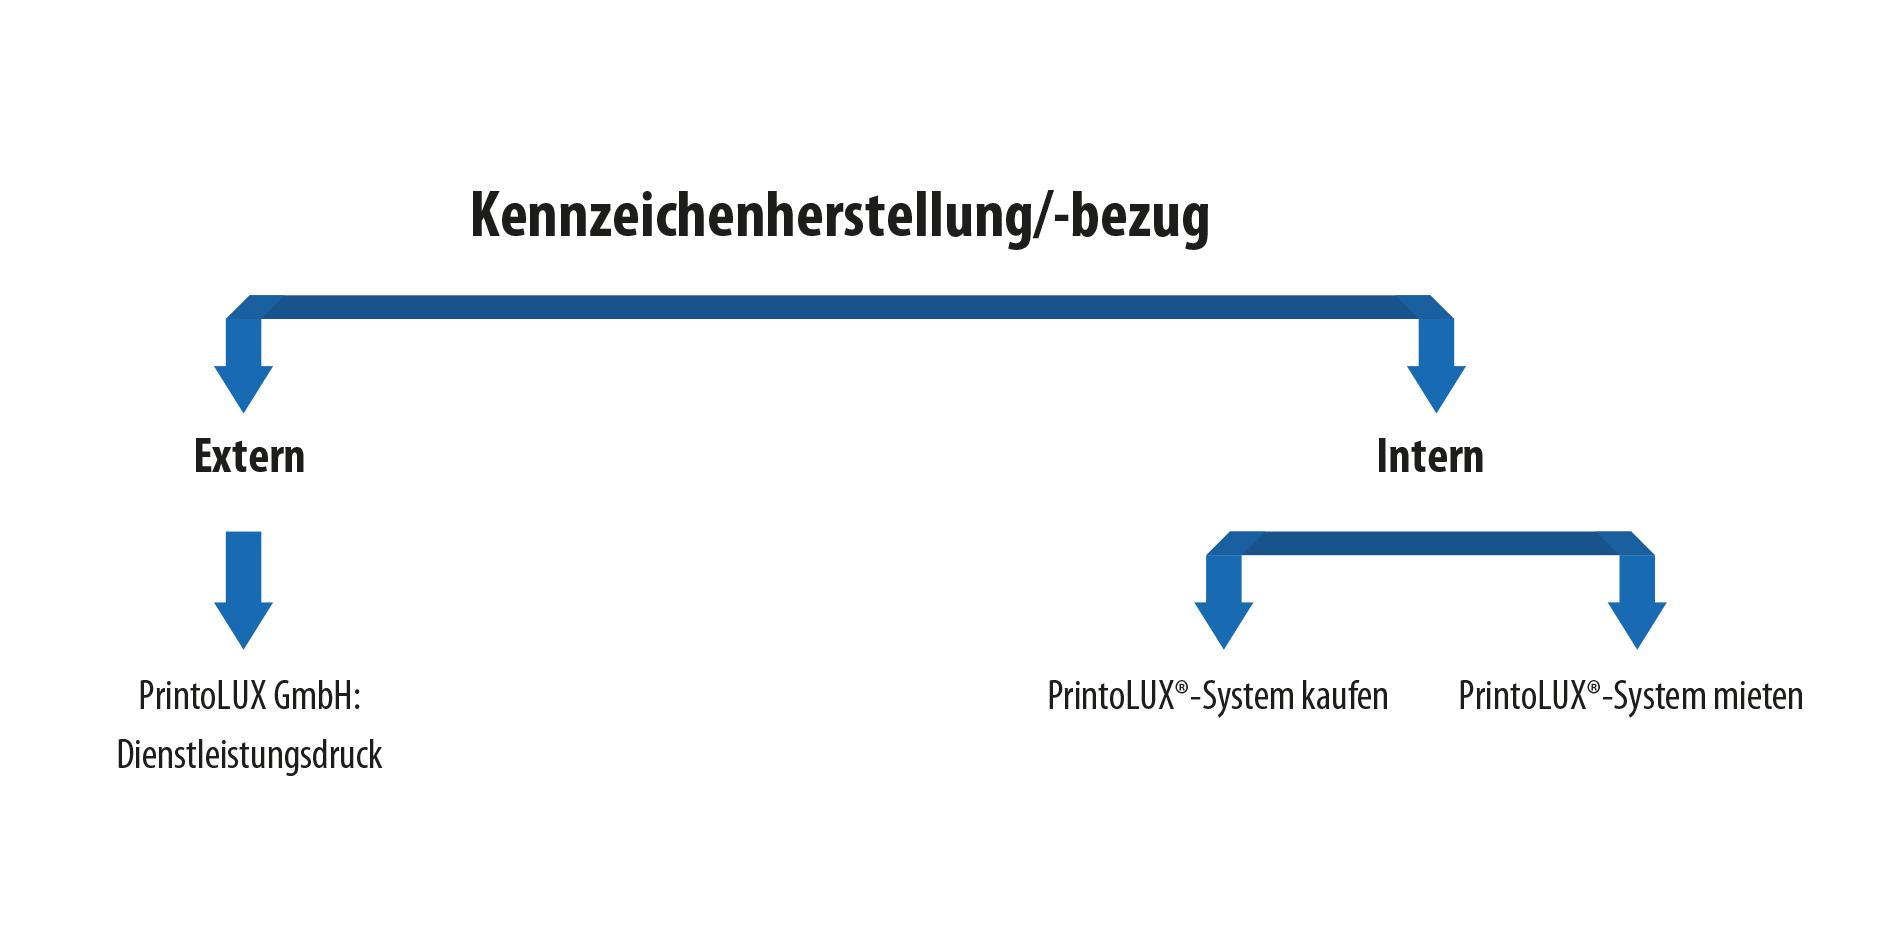 printolux-kennzeichenherstellung-bezug